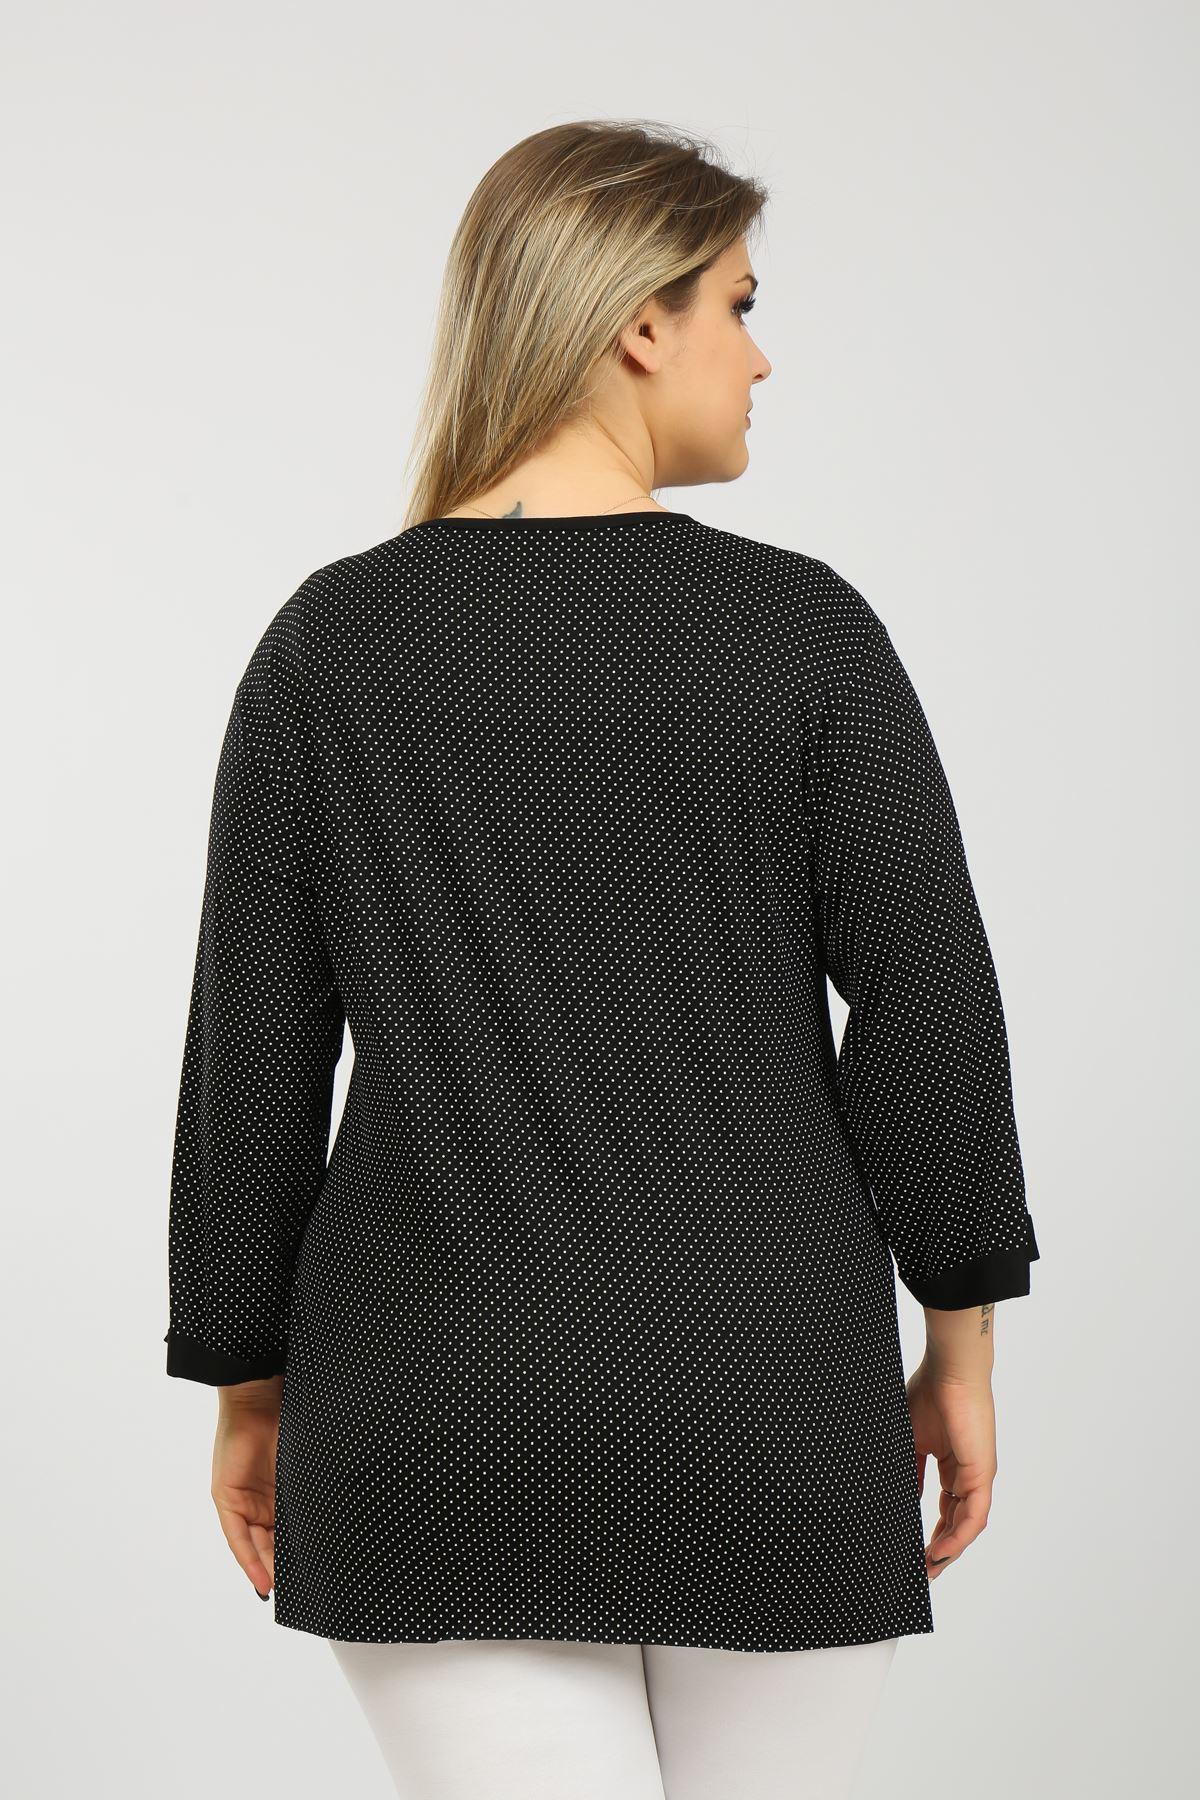 Puanlı Kadın Bluz